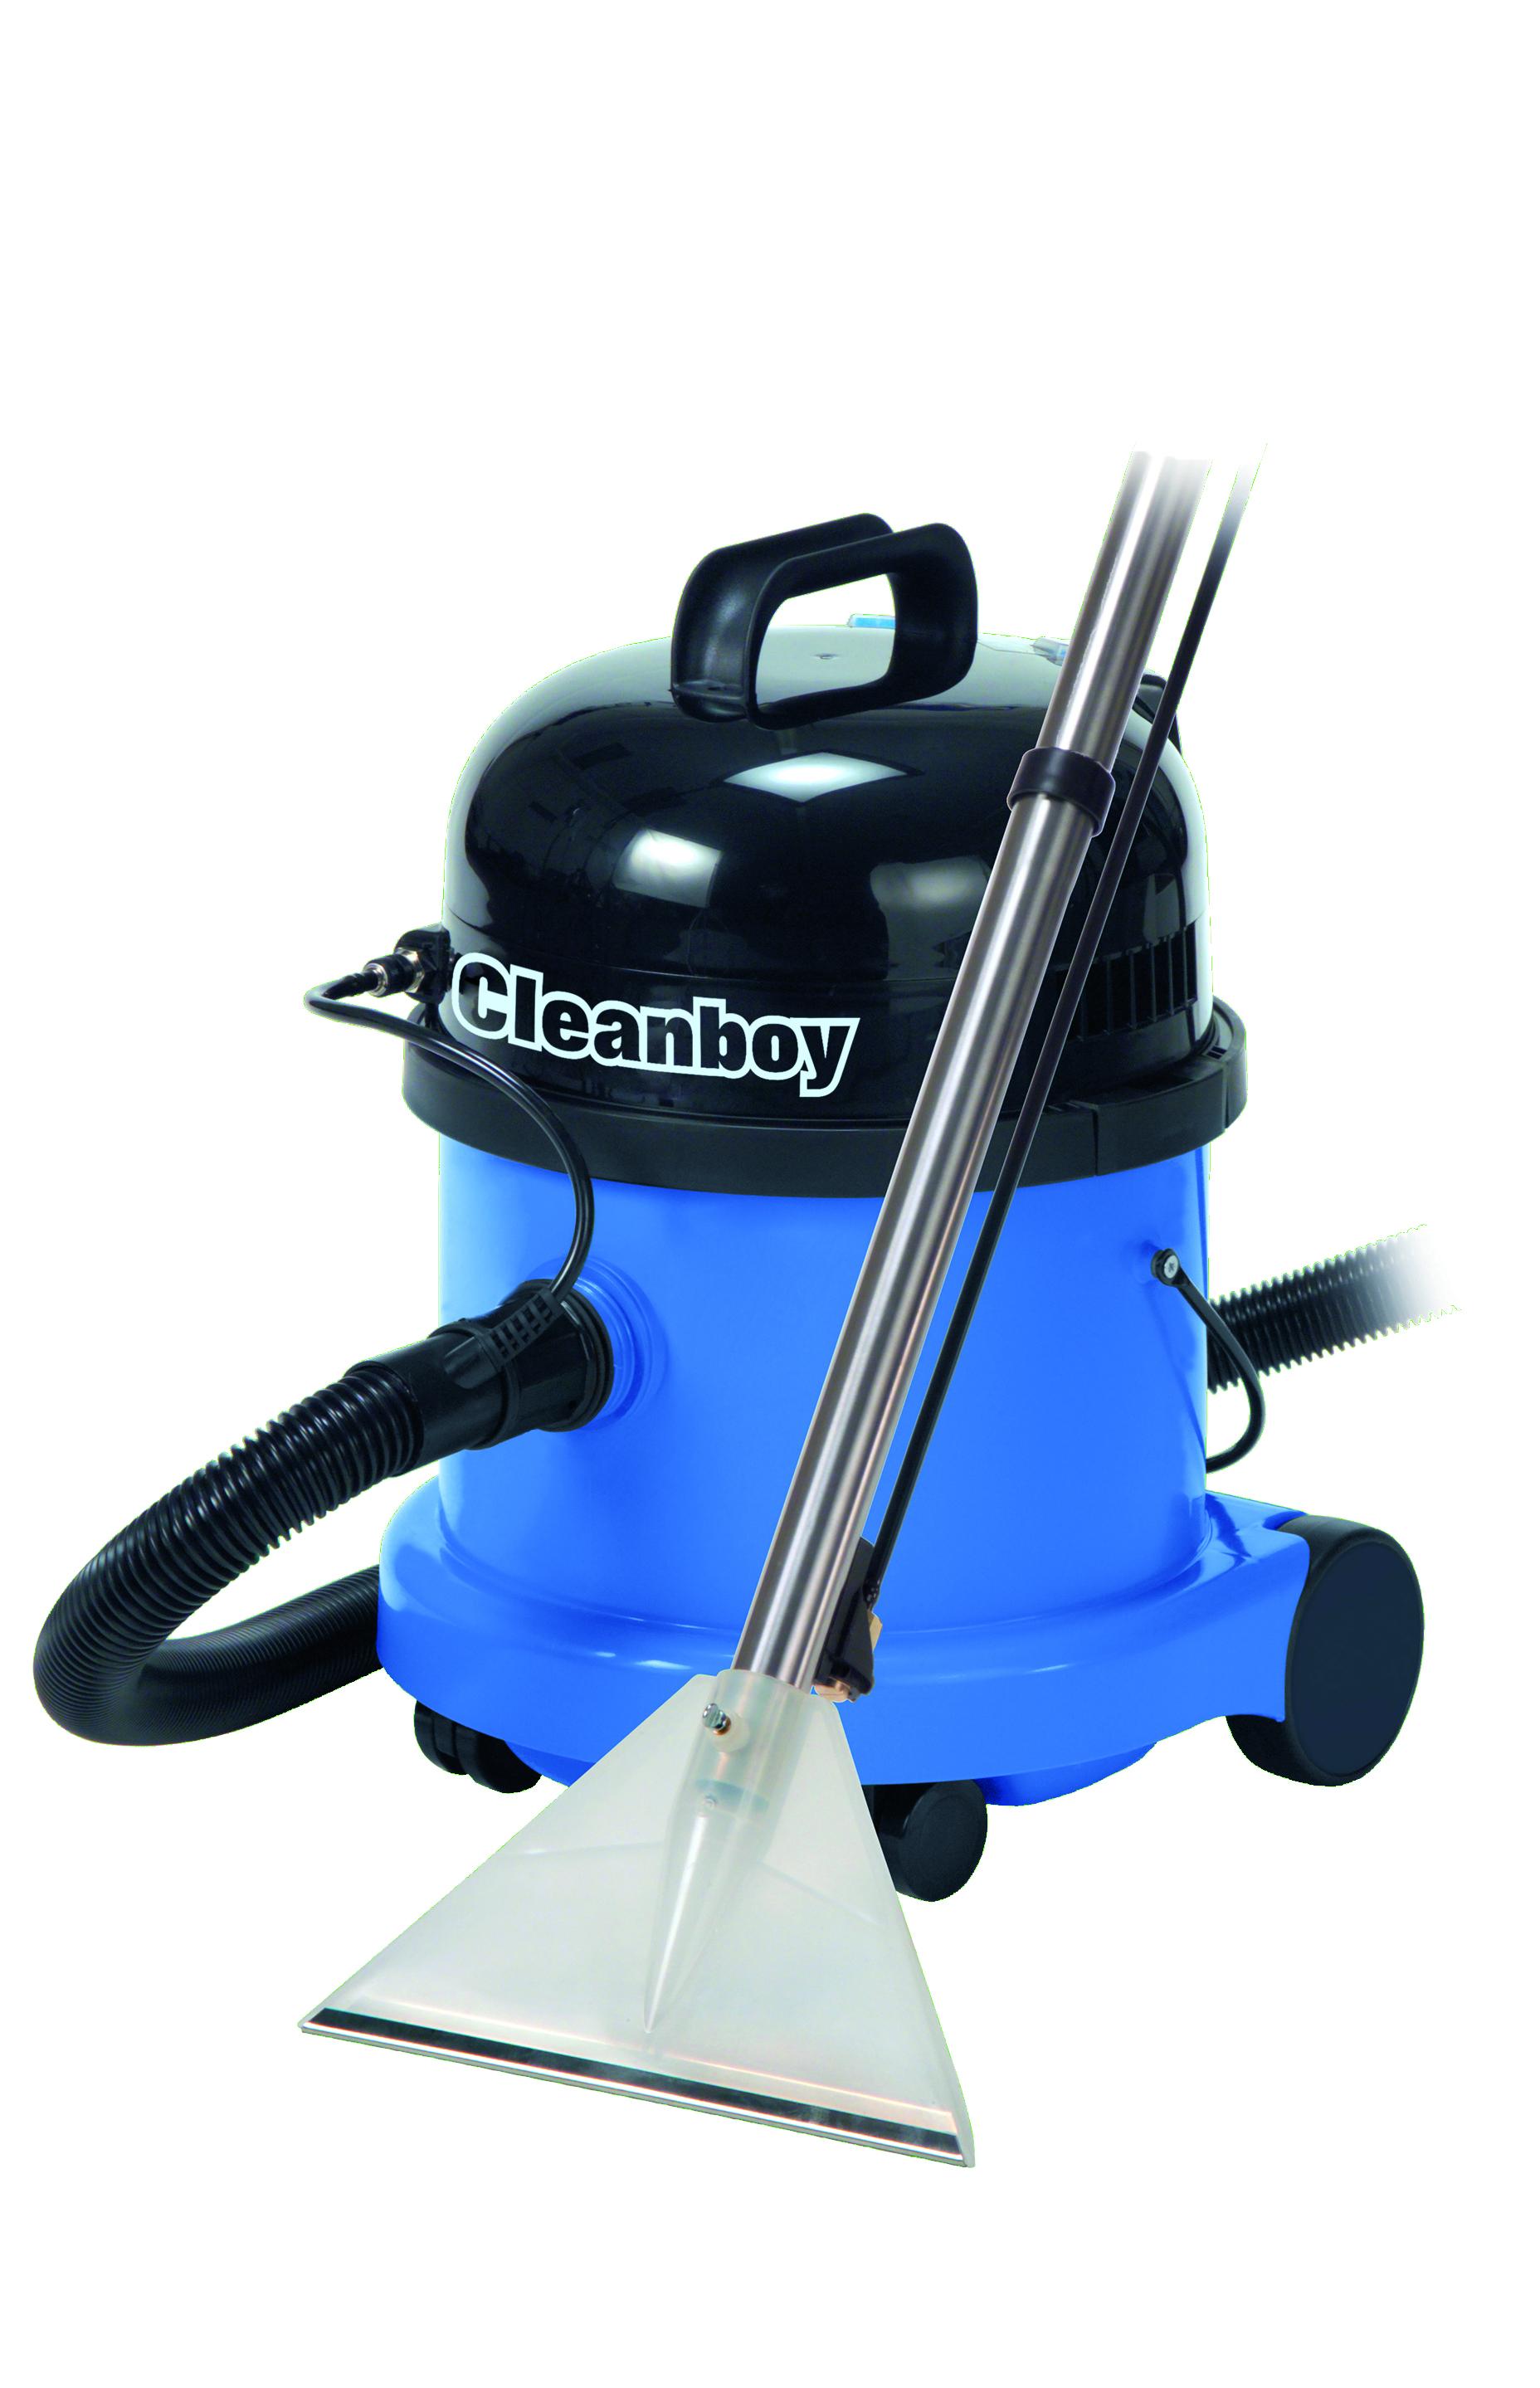 """Numatic Sprühextraktionsgerät CT370-2 """"Cleanboy"""", blau/schwarz, 35,5 x 35,5 x 50 cm"""